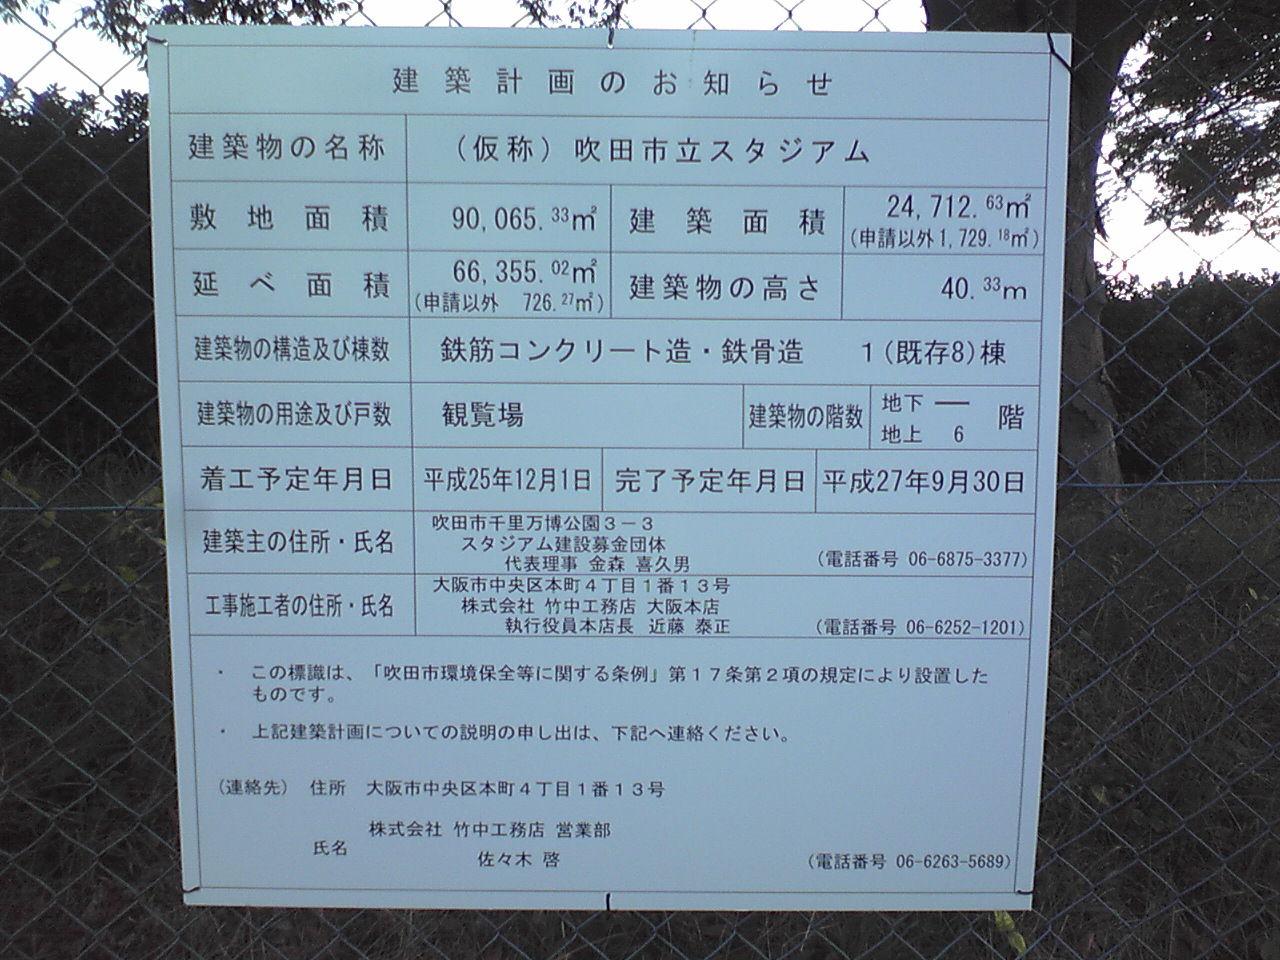 http://livedoor.blogimg.jp/hokutsu/imgs/6/5/654584b8.jpg